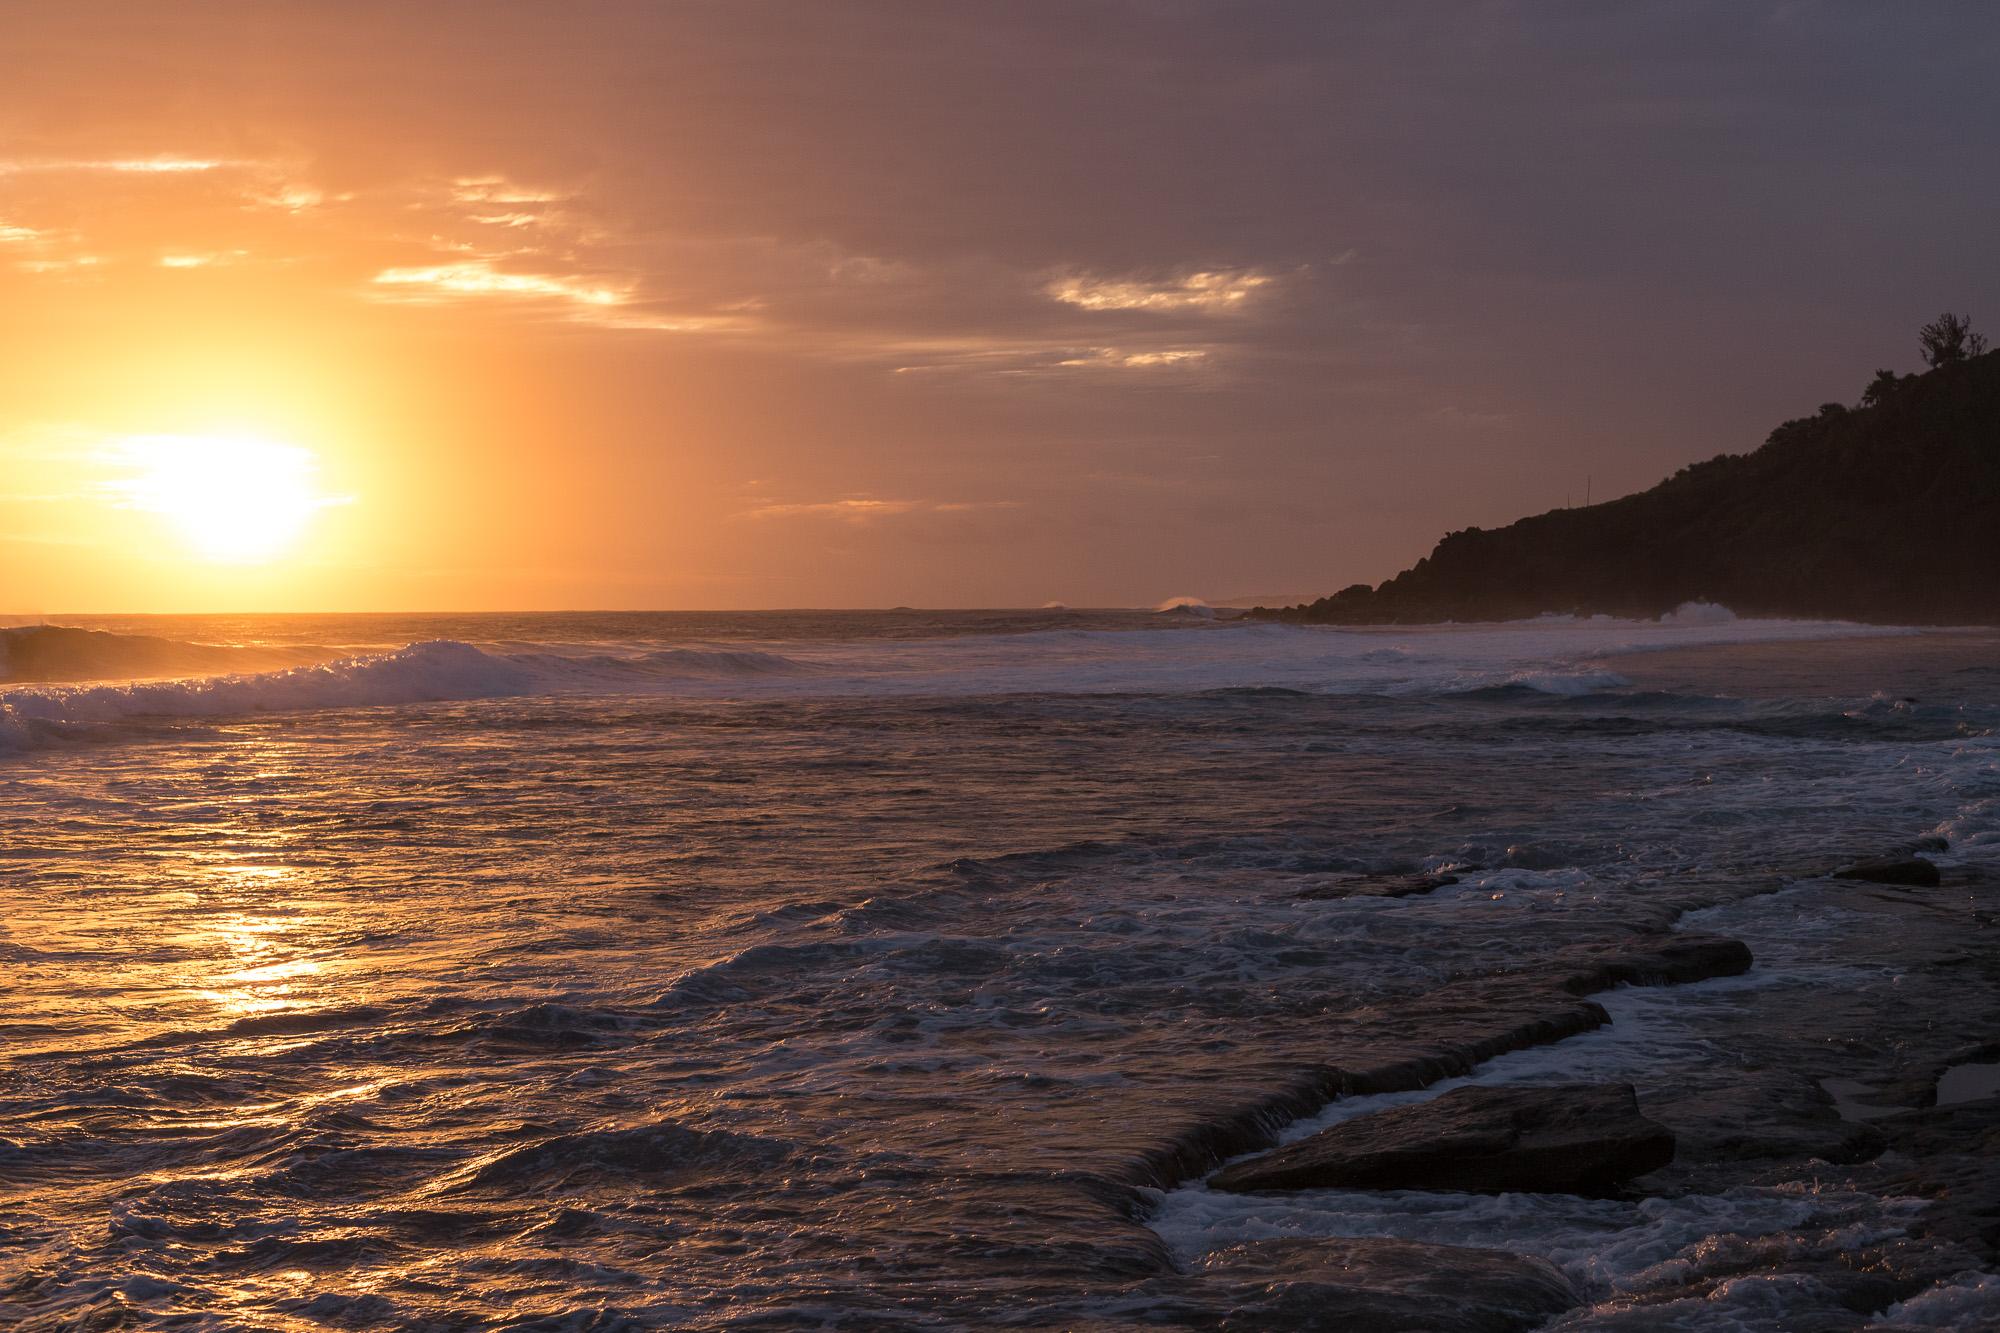 coucher de soleil plage grande anse